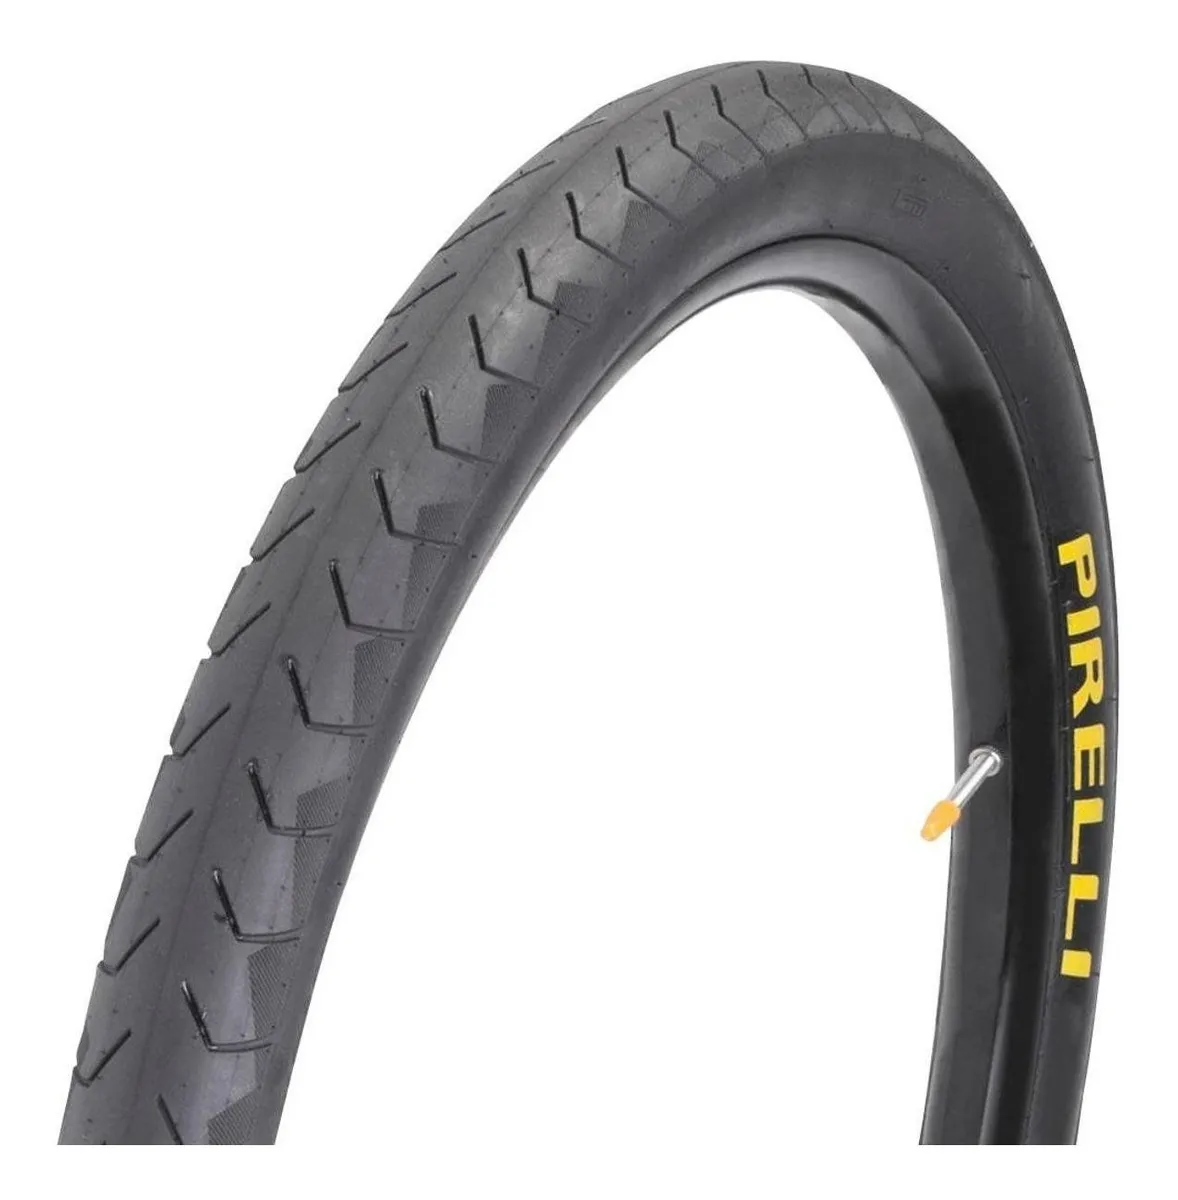 Montar uma bike, pneu Pirelli slick